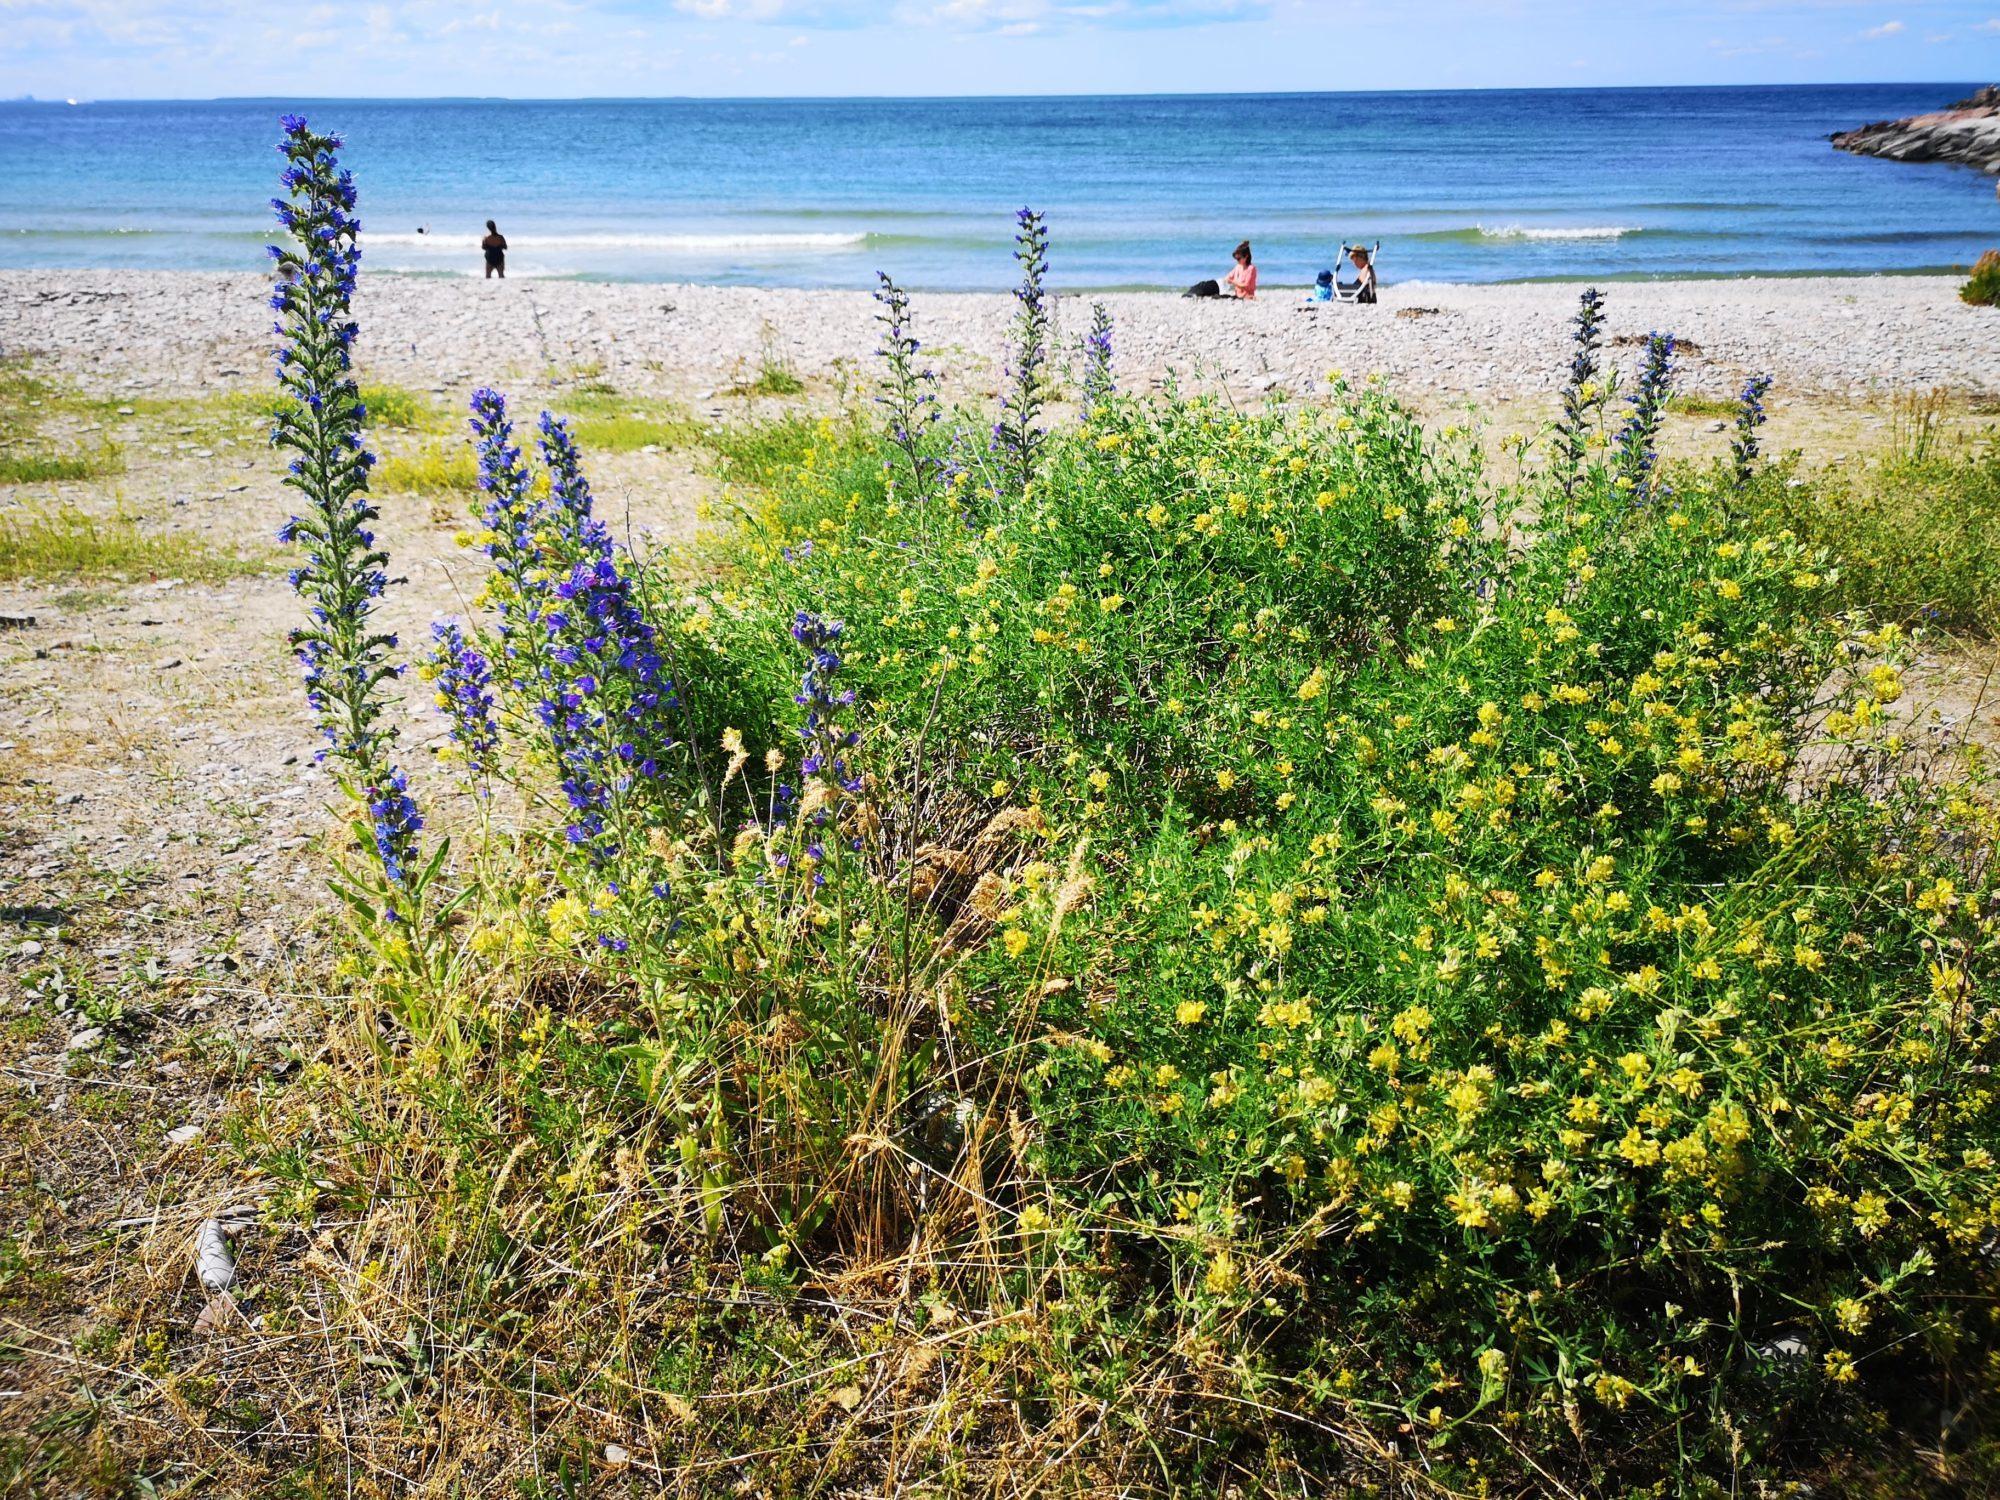 Antall soltimer er én grunn til å besøke Öland:  Her er åtte andre gode grunner